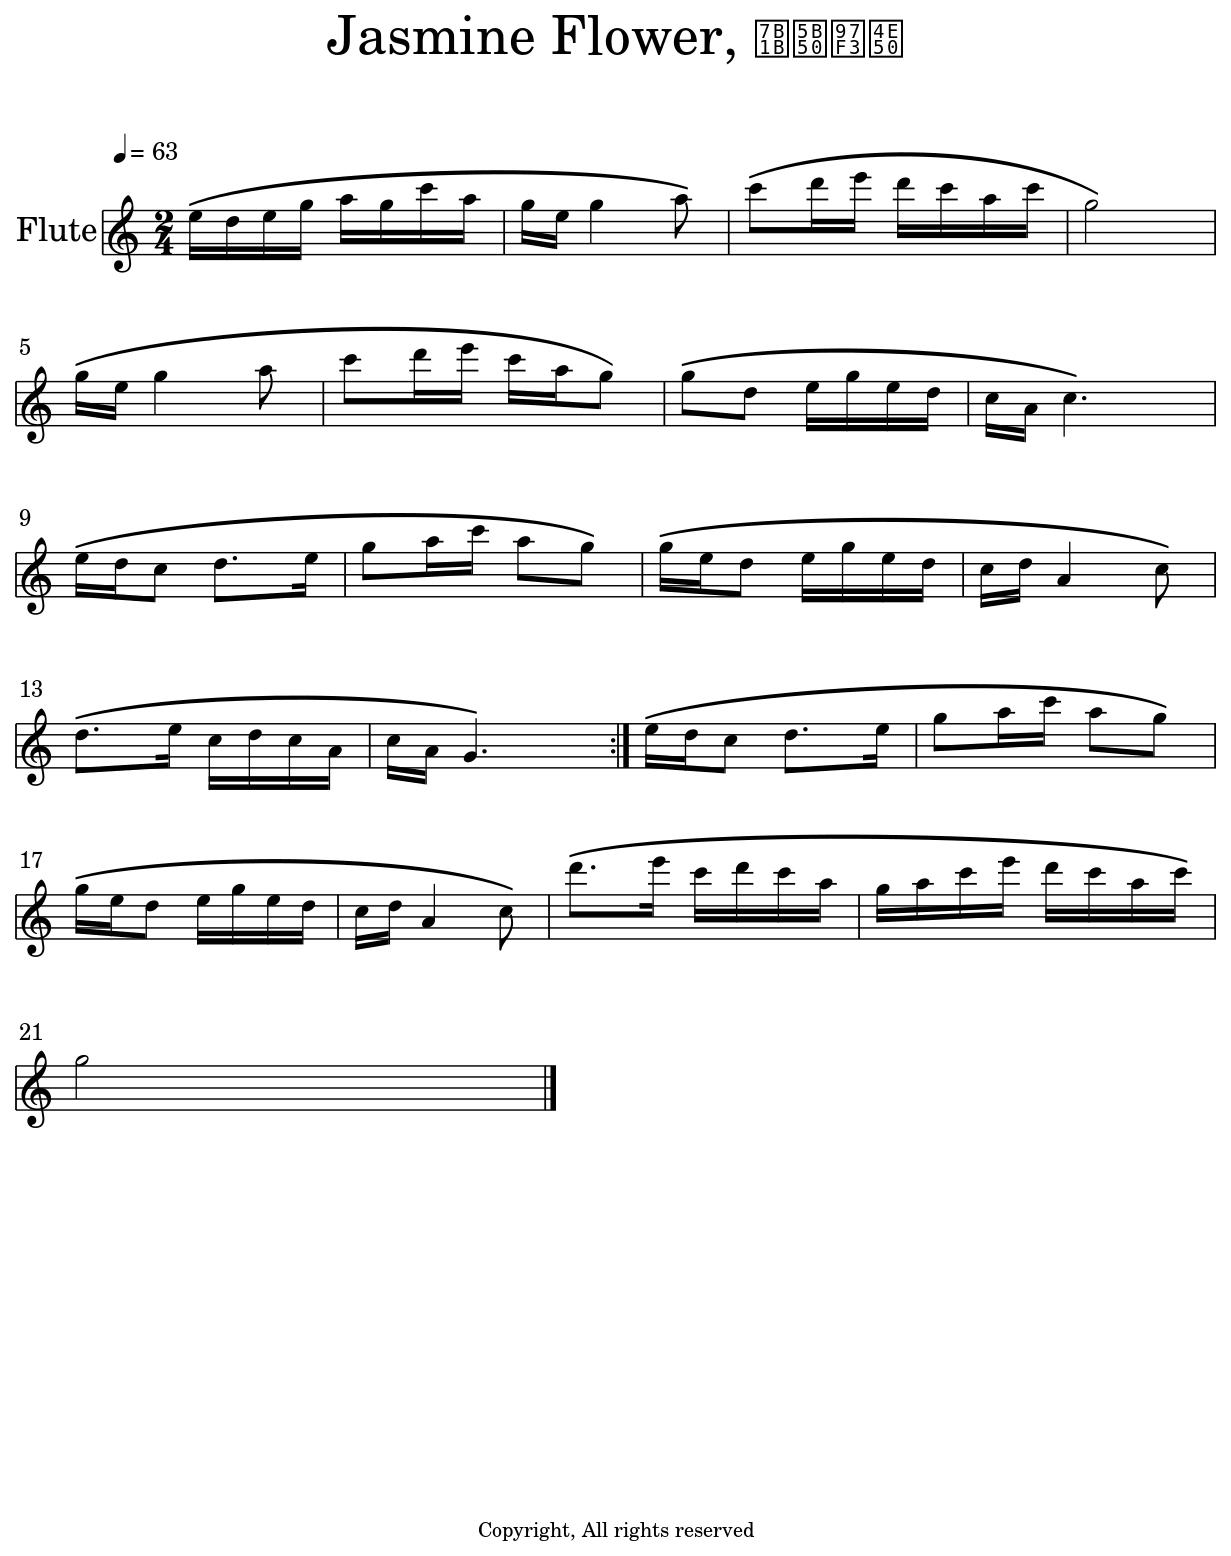 Jasmine Flower Sheet Music For Flute